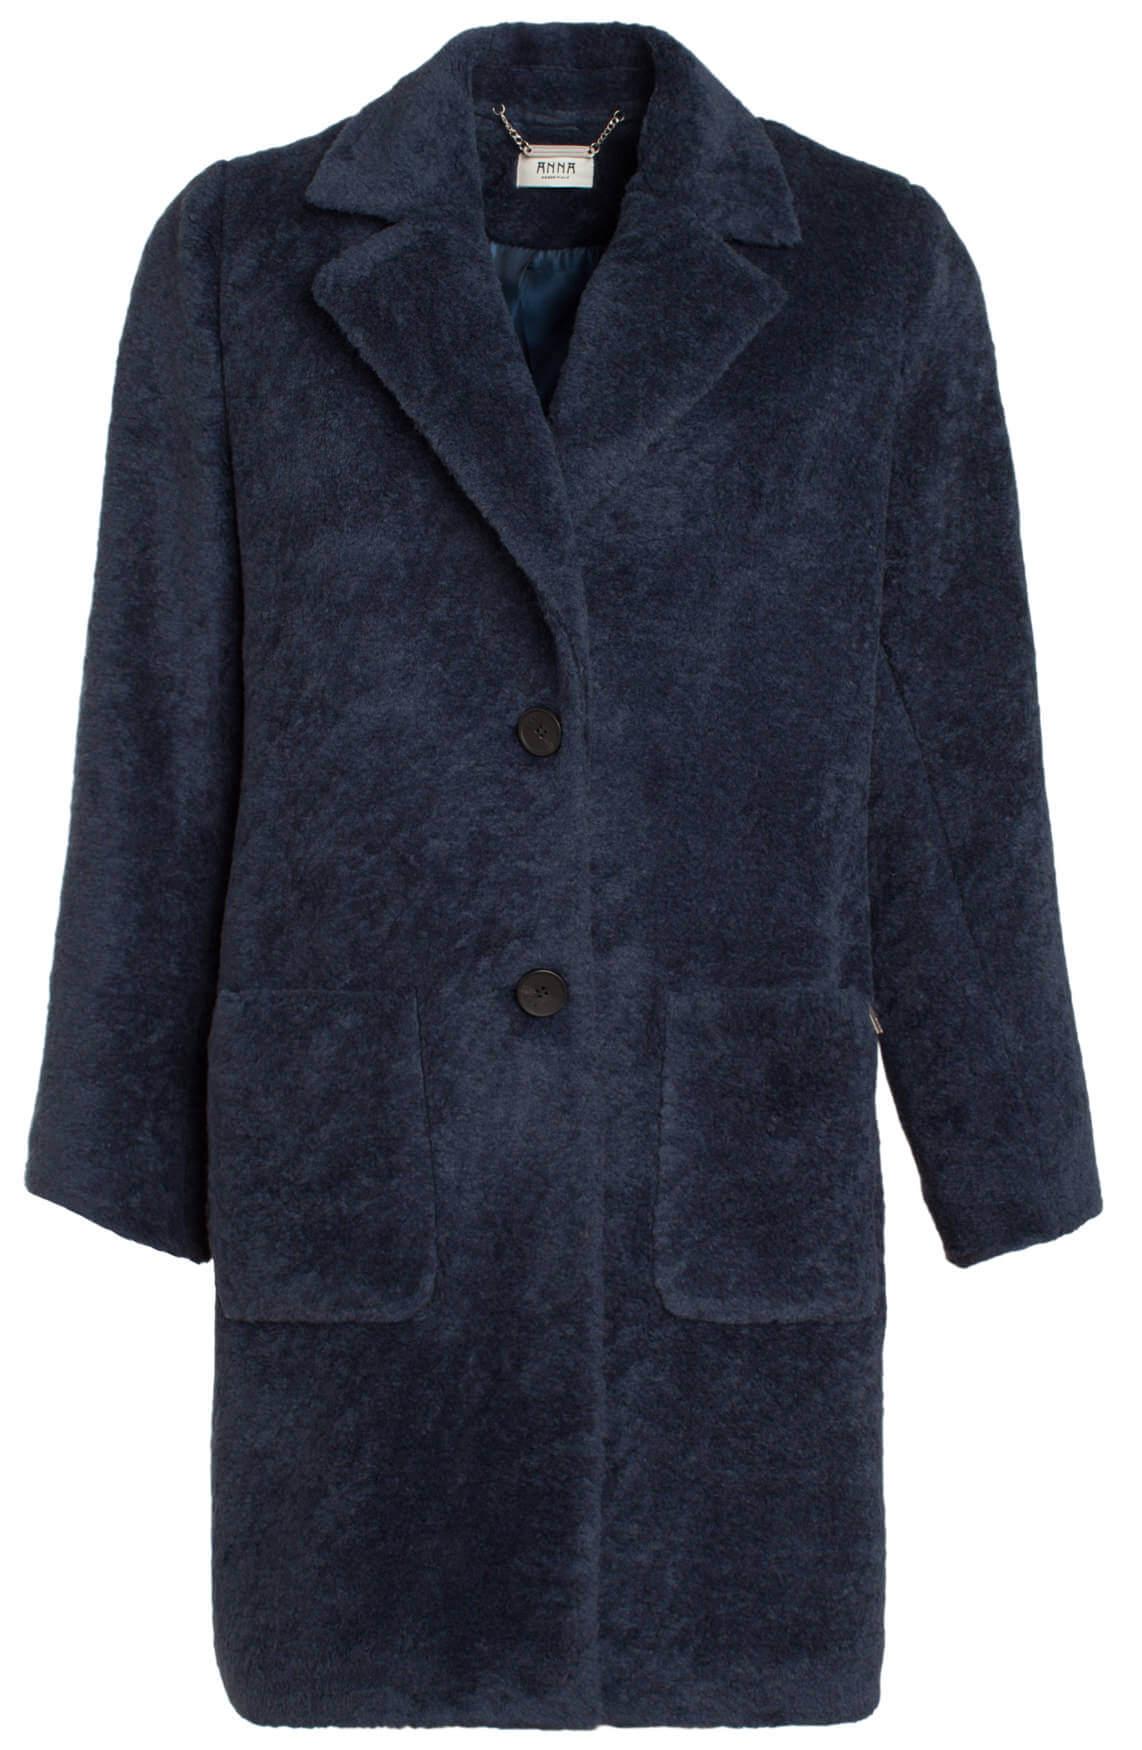 Anna Dames Fake fur mantel Blauw